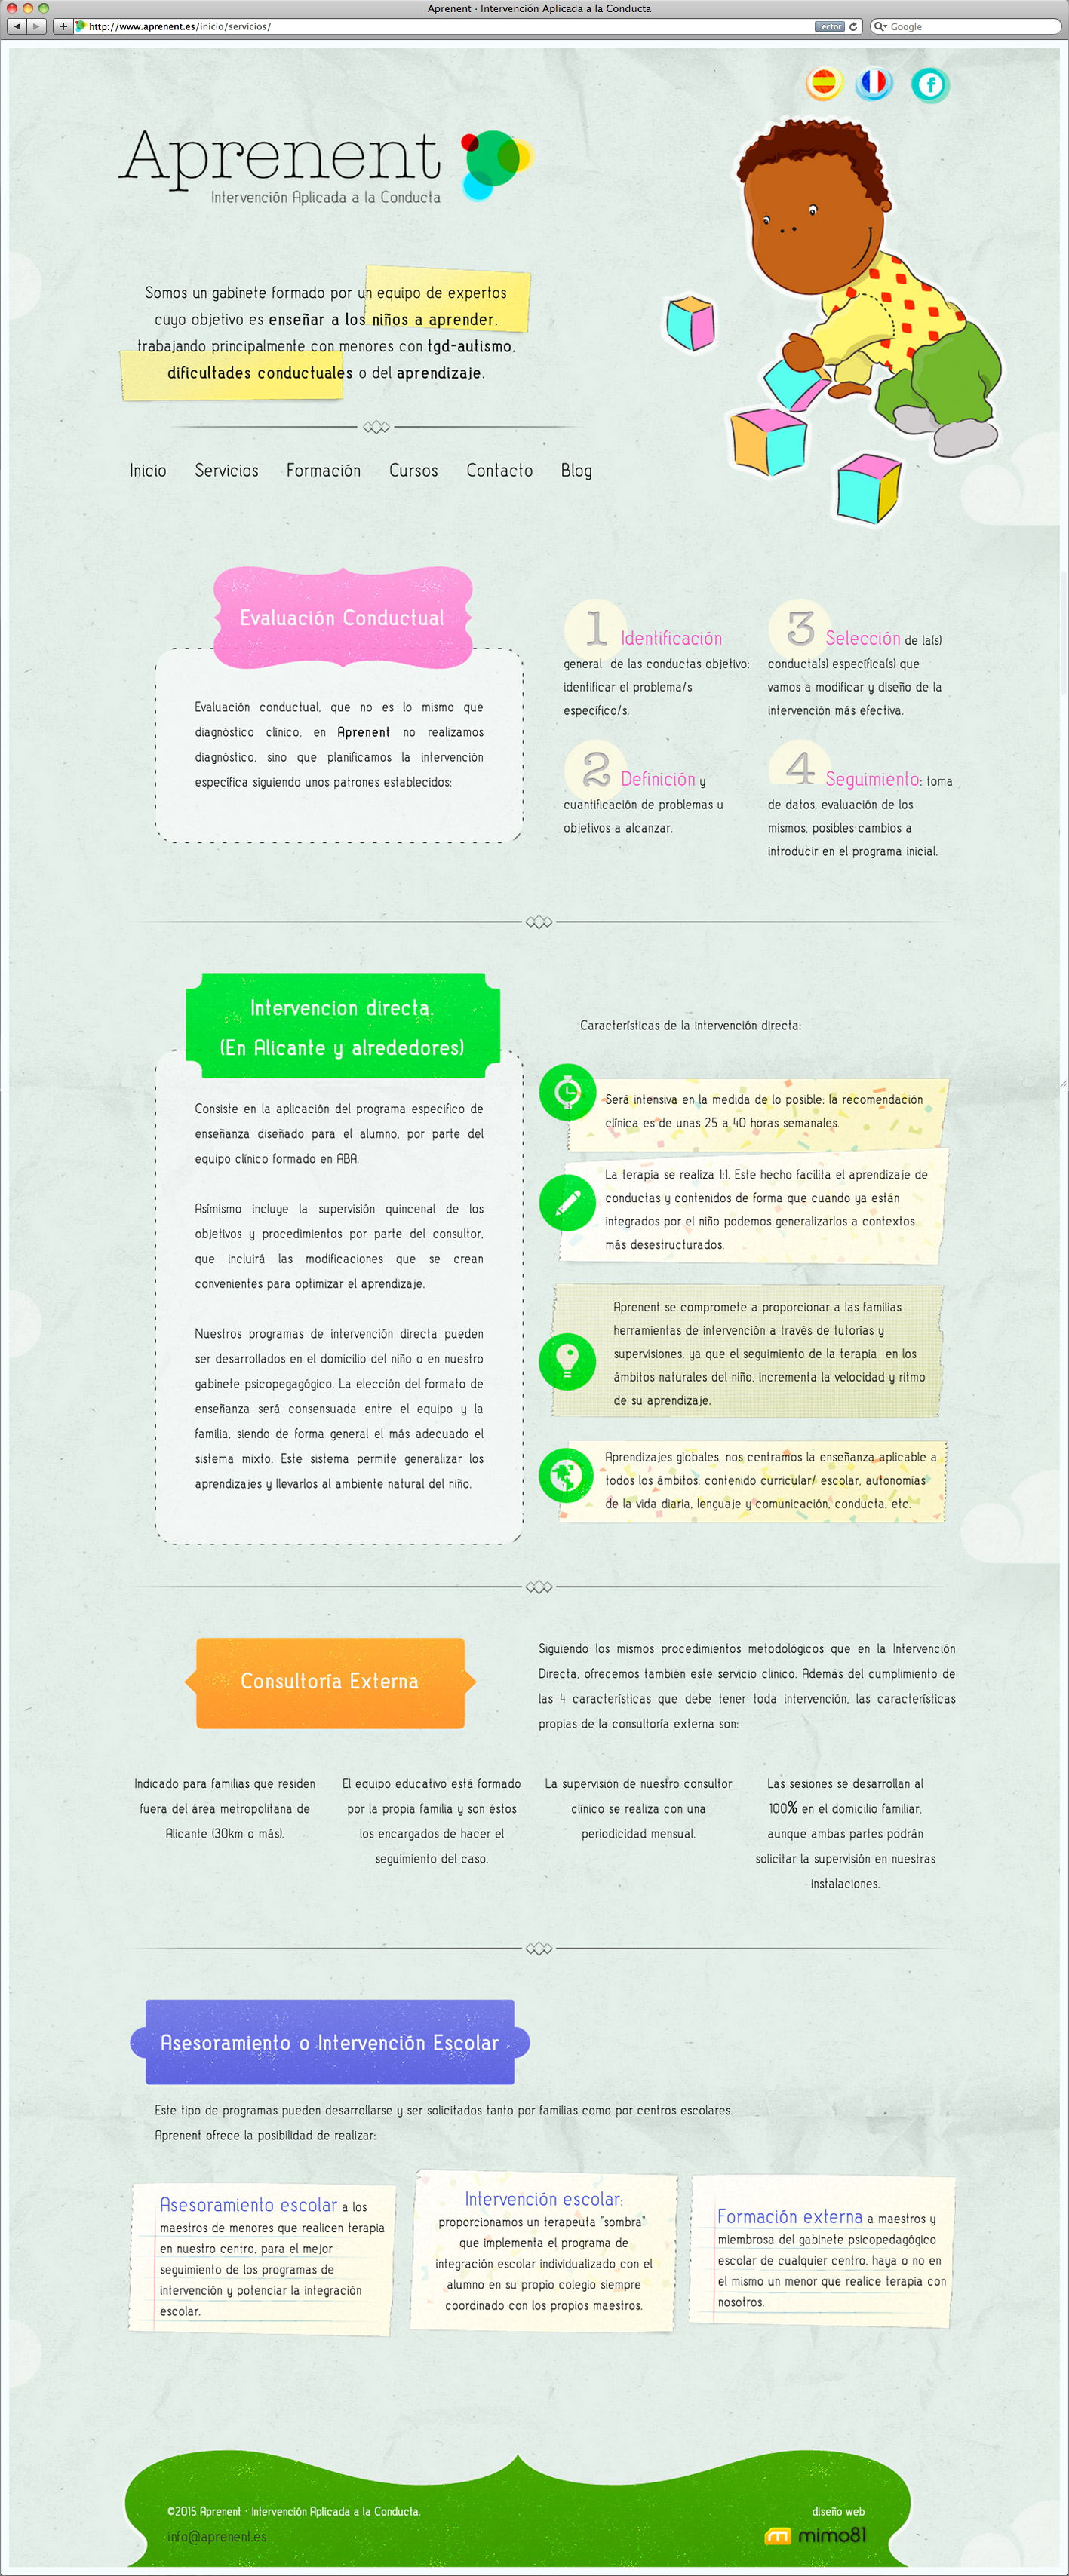 Servicios ABA Aprenent.es